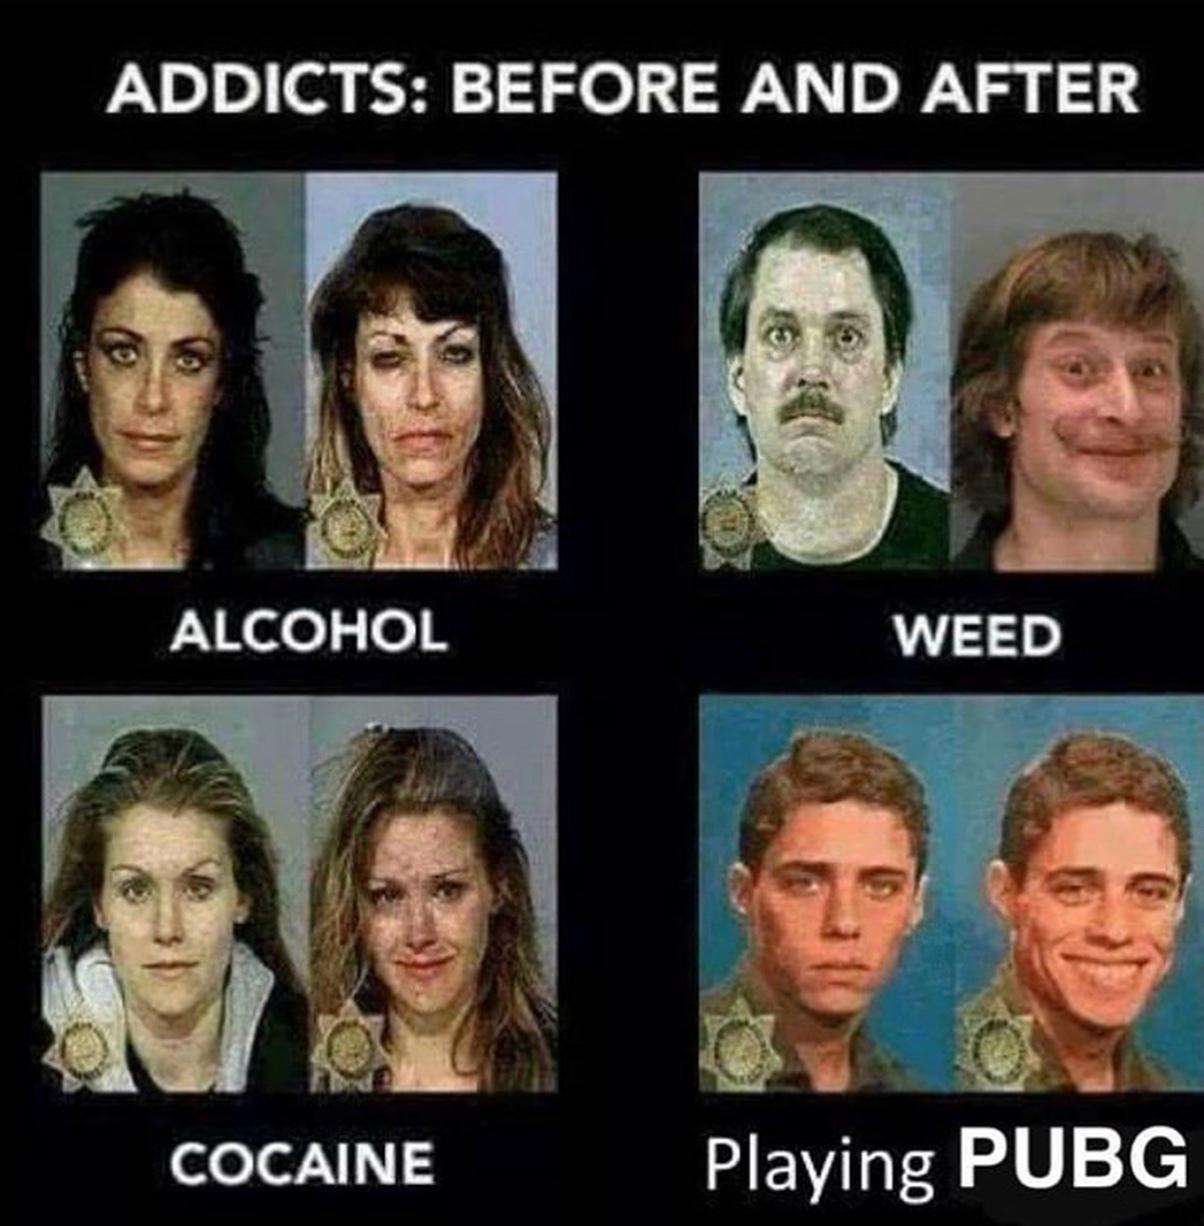 nao usem drogas criancas - meme